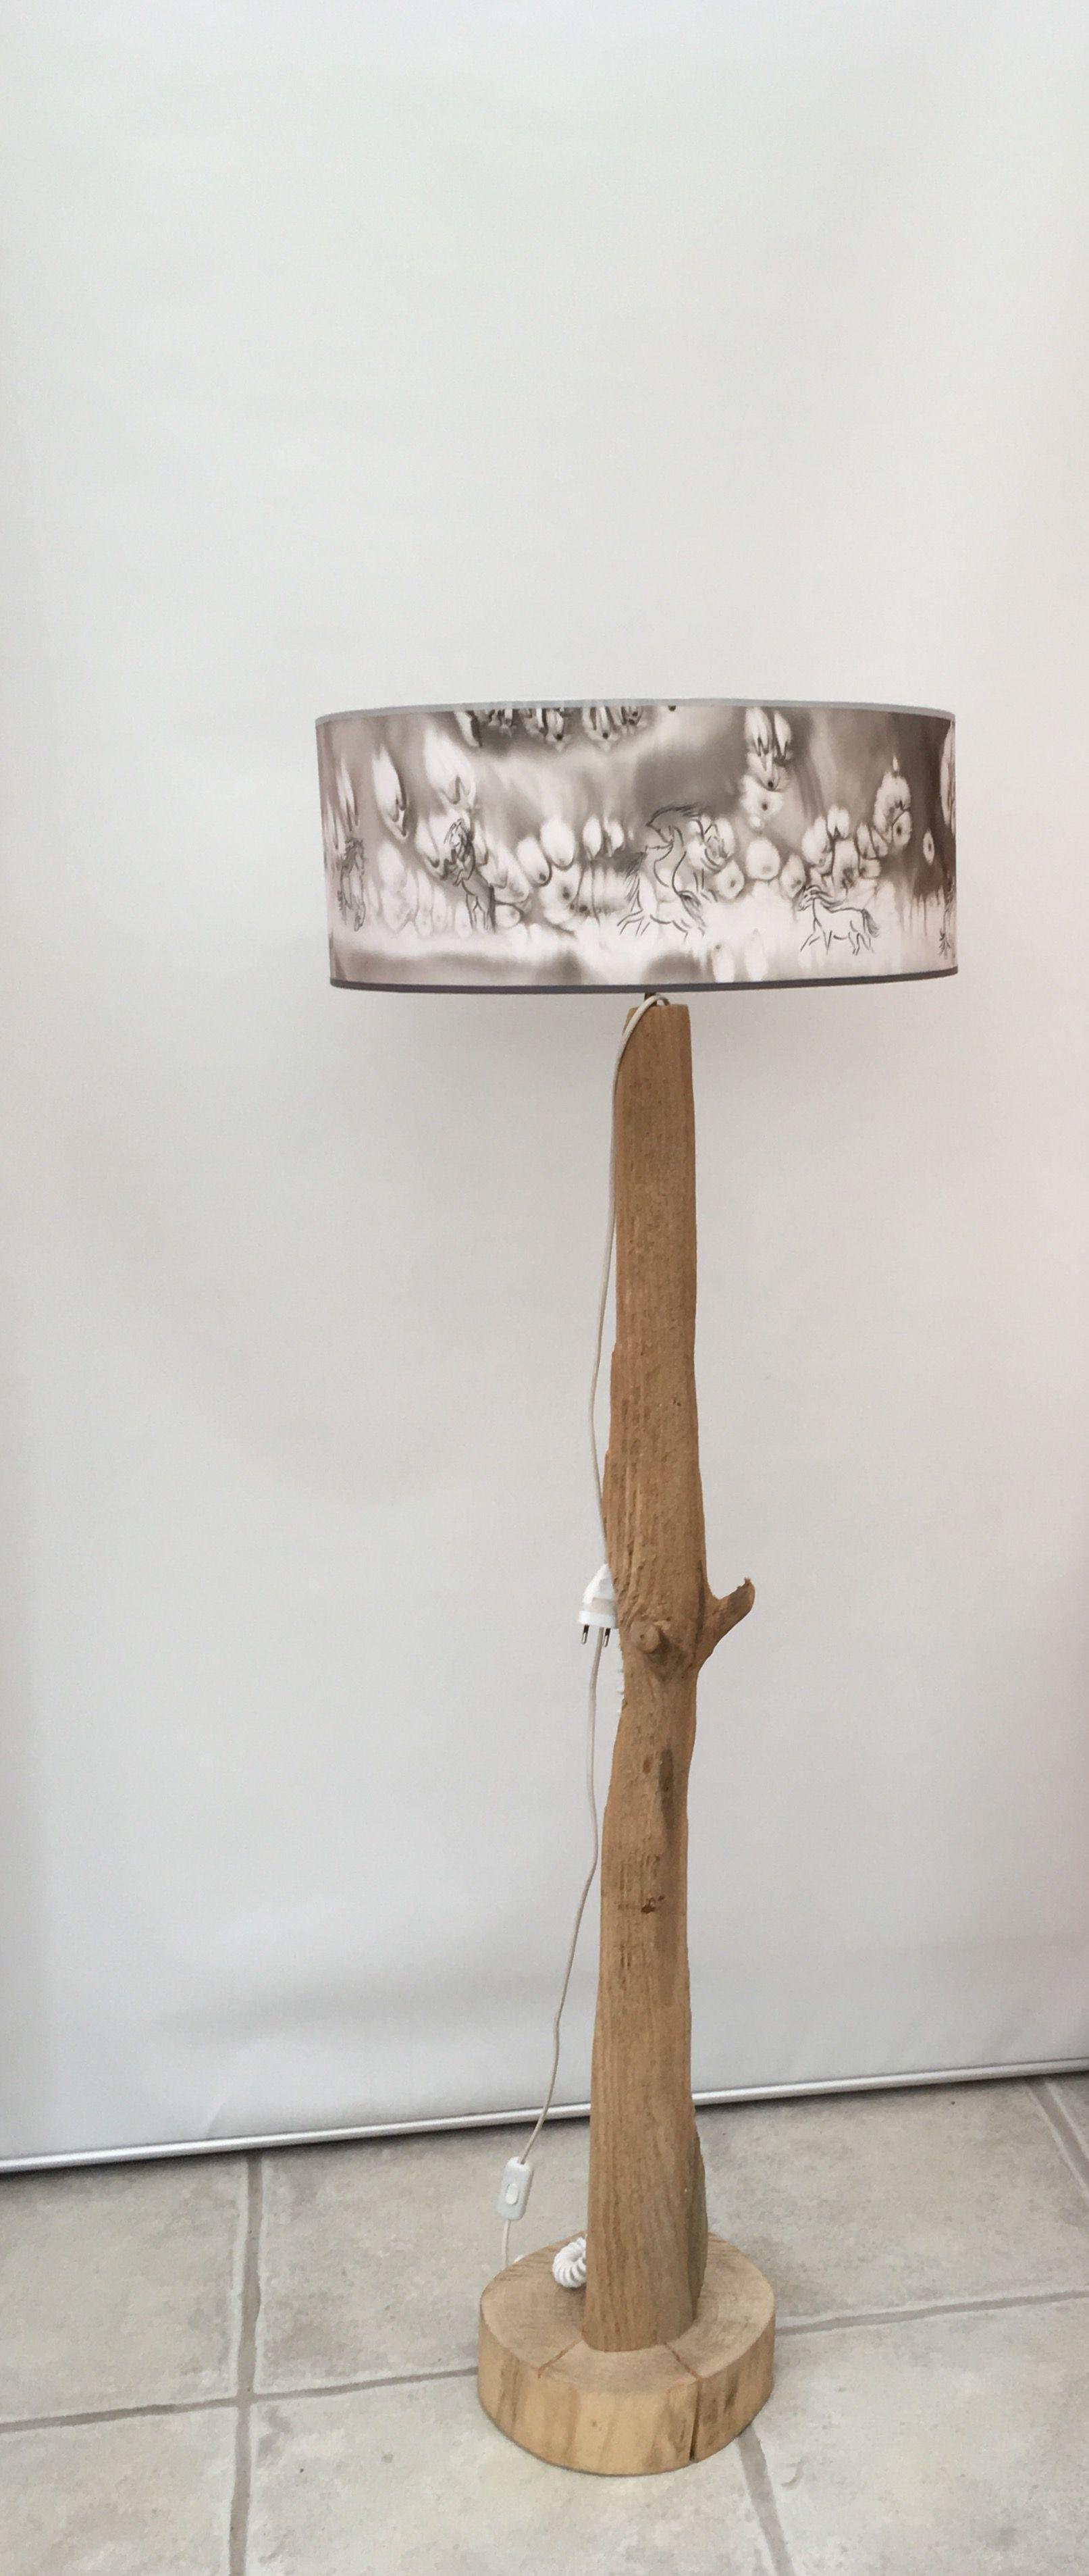 Lampadaire bois flotté et soie peinte motifs chevaux#peinturesursoie#lampessoie#lampadaire